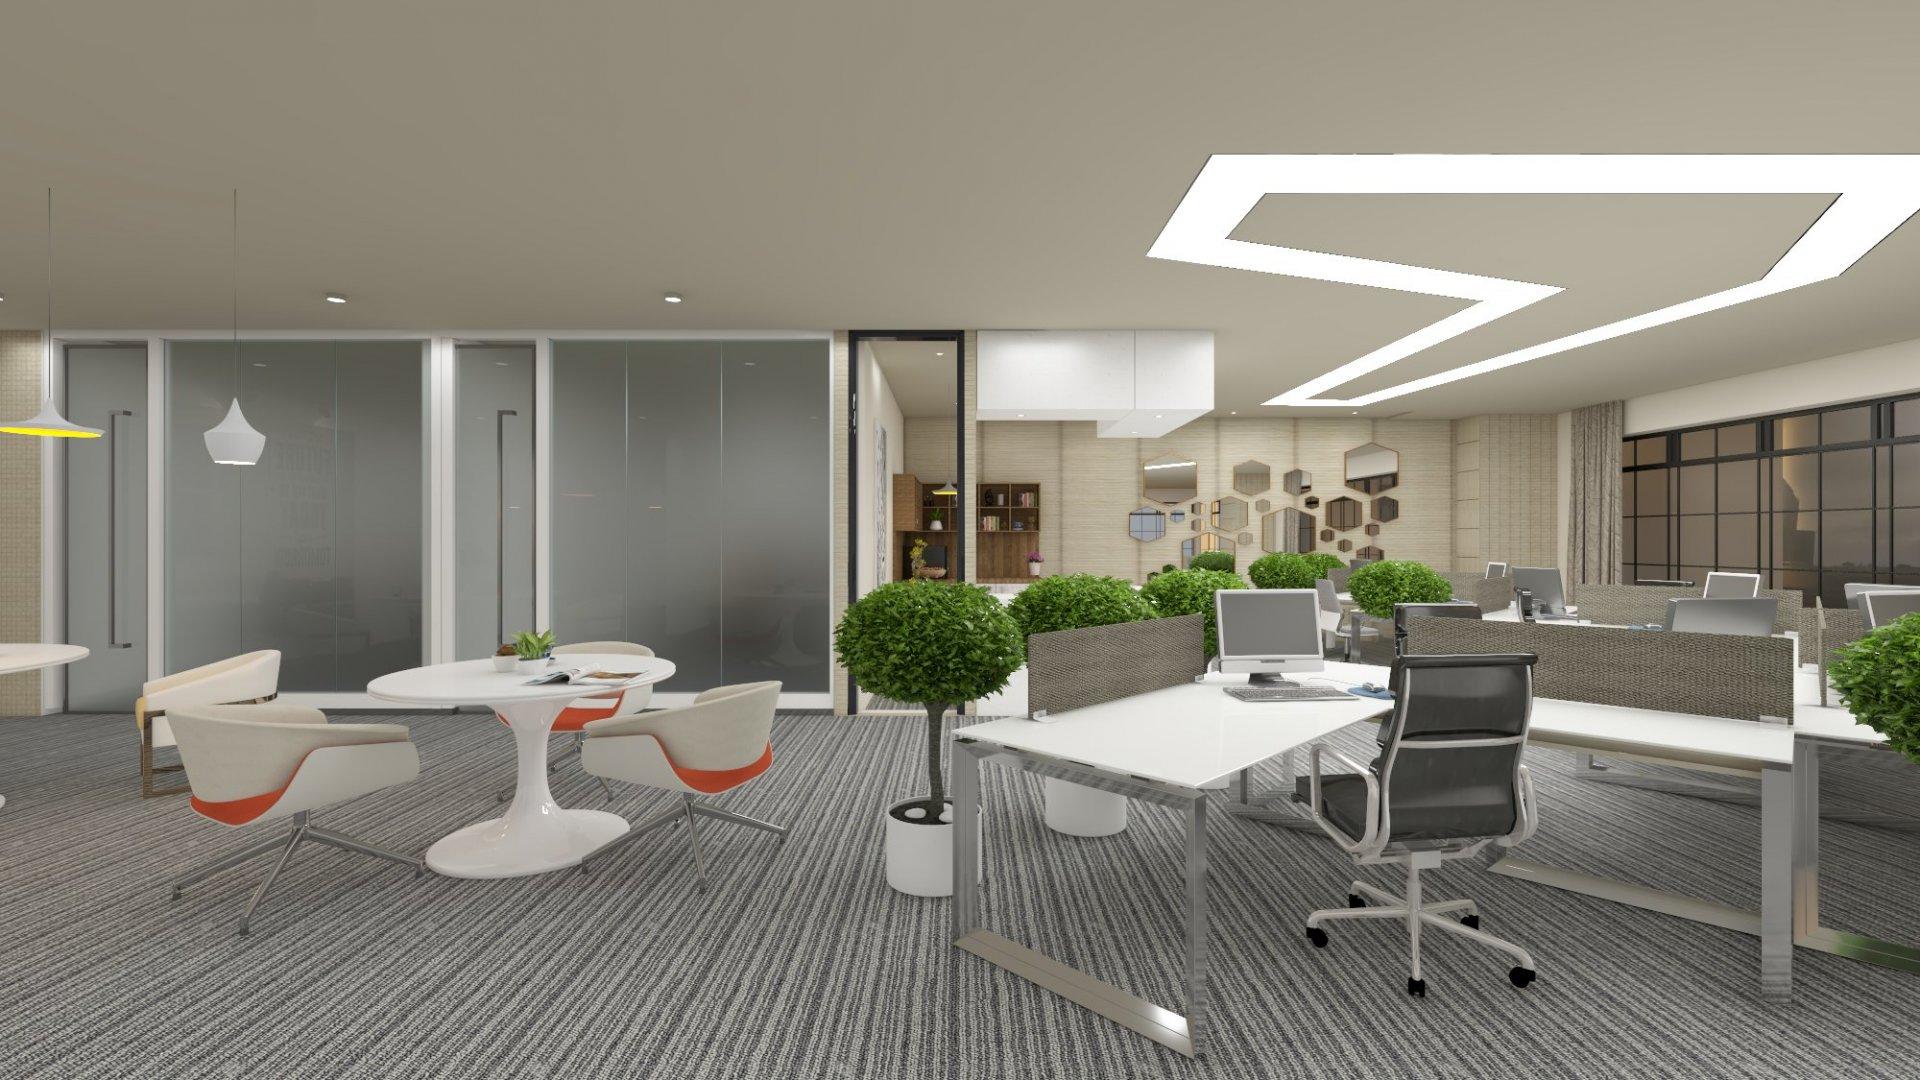 office interior design space